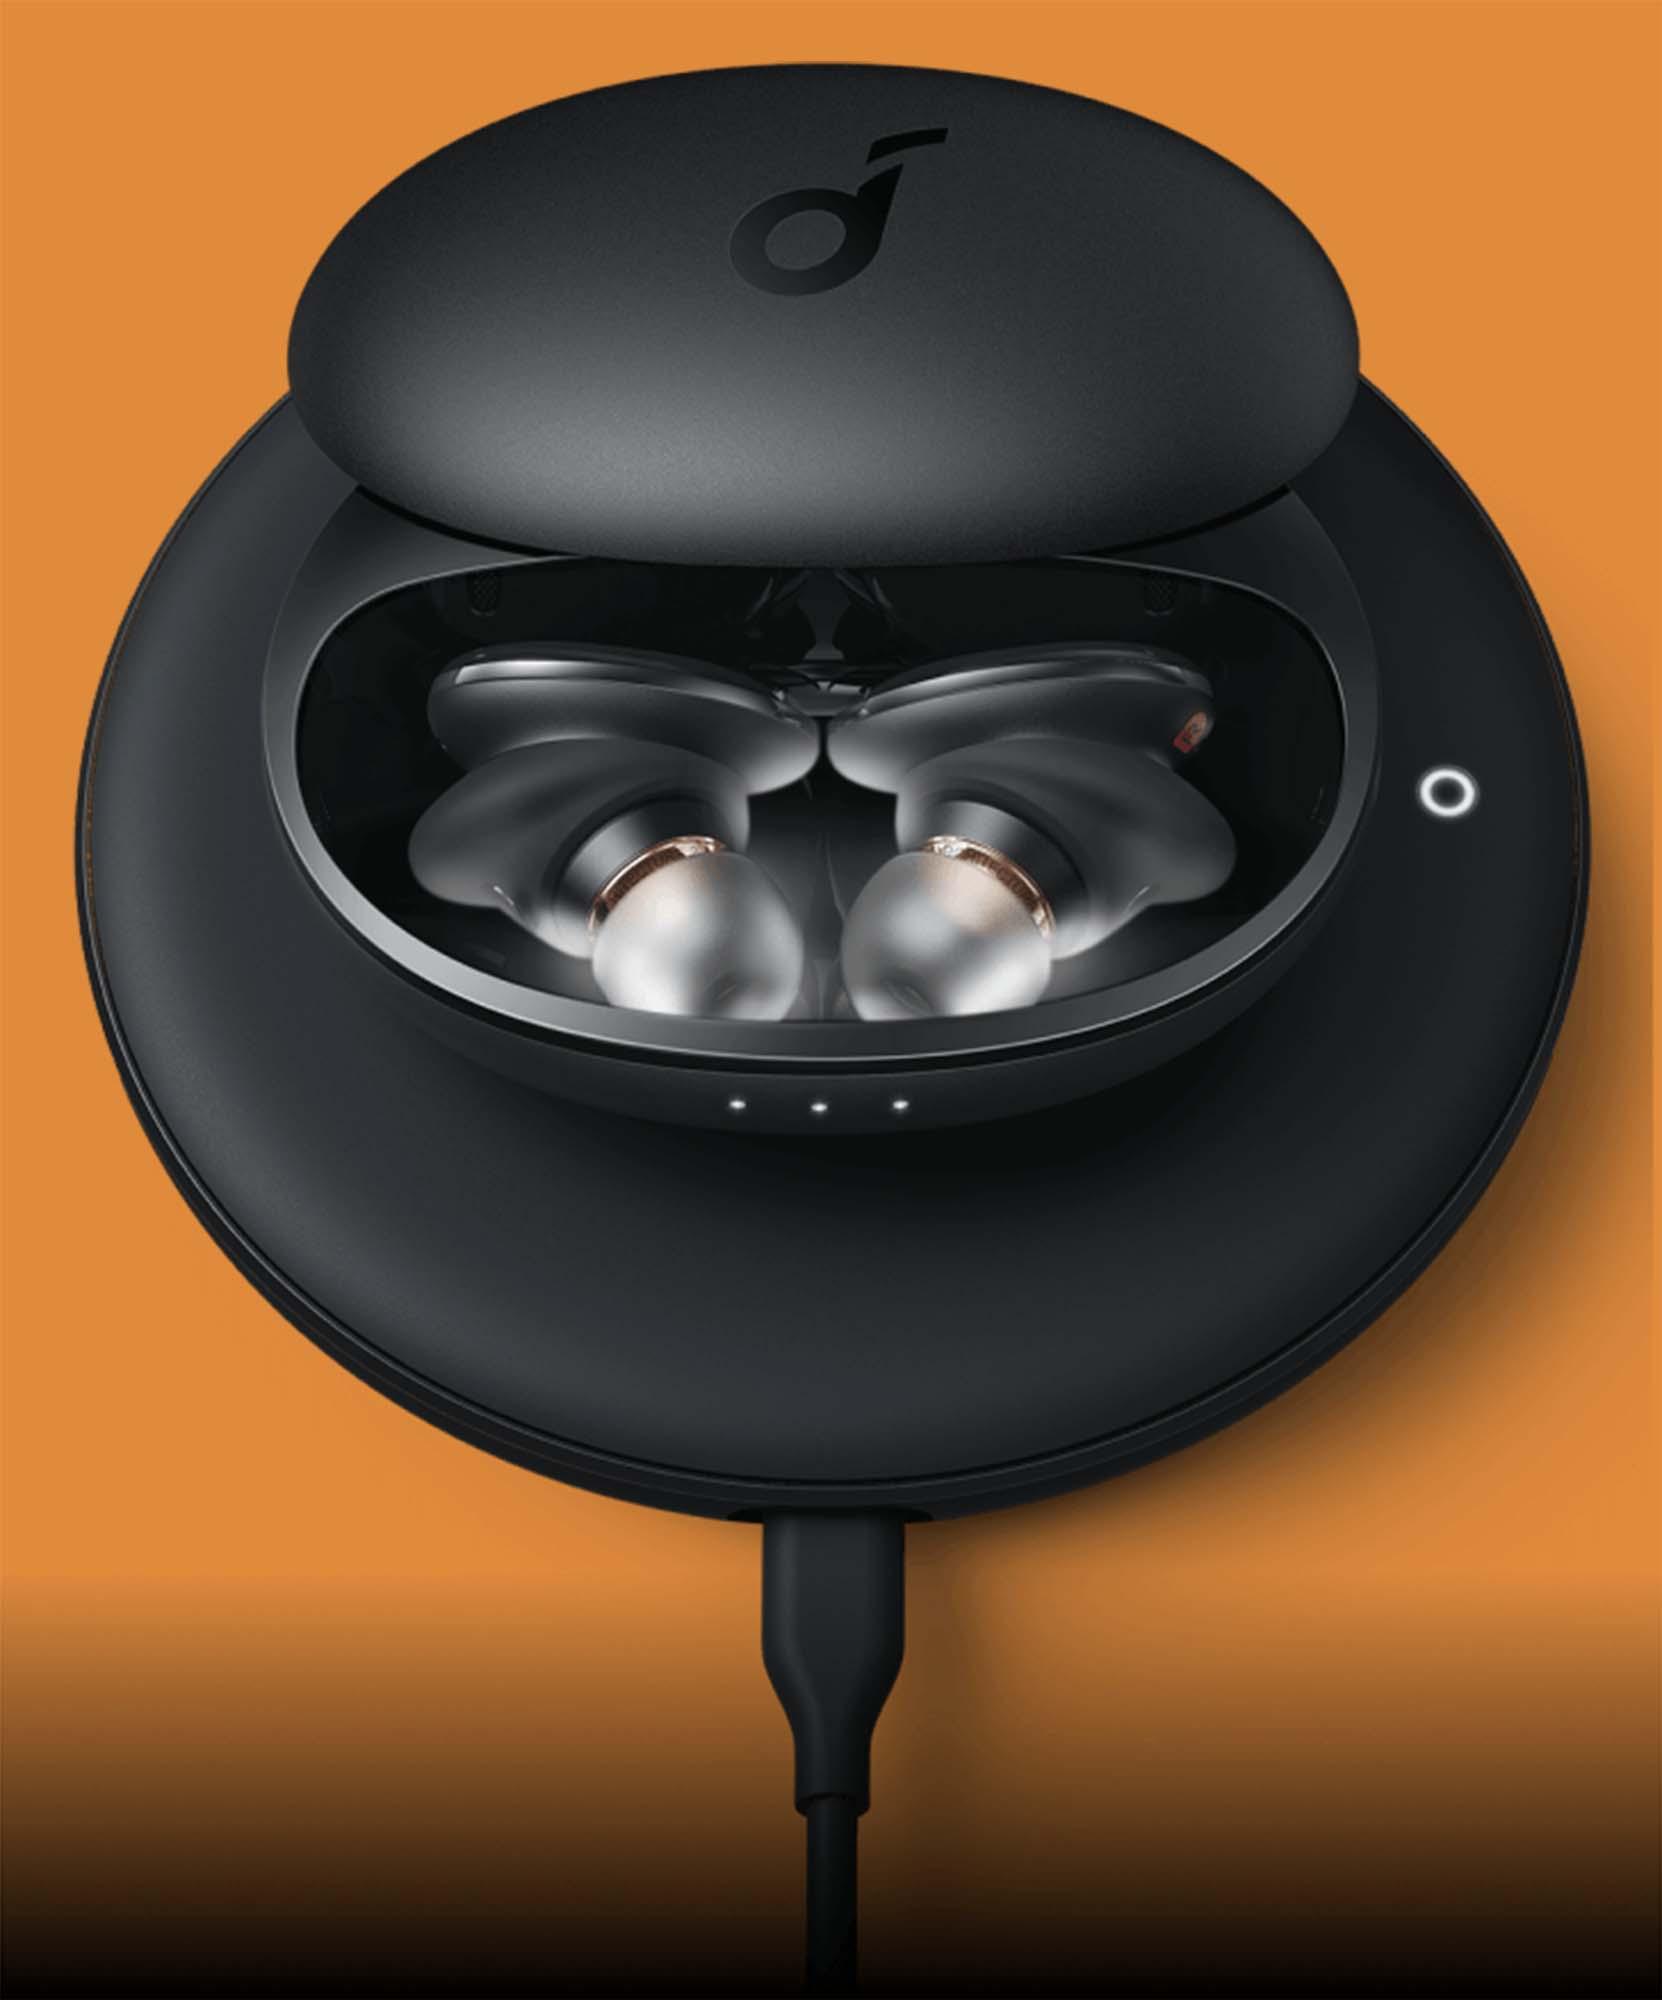 Anker Soundcore Liberty 3 Pro - Qi Wireless Charging